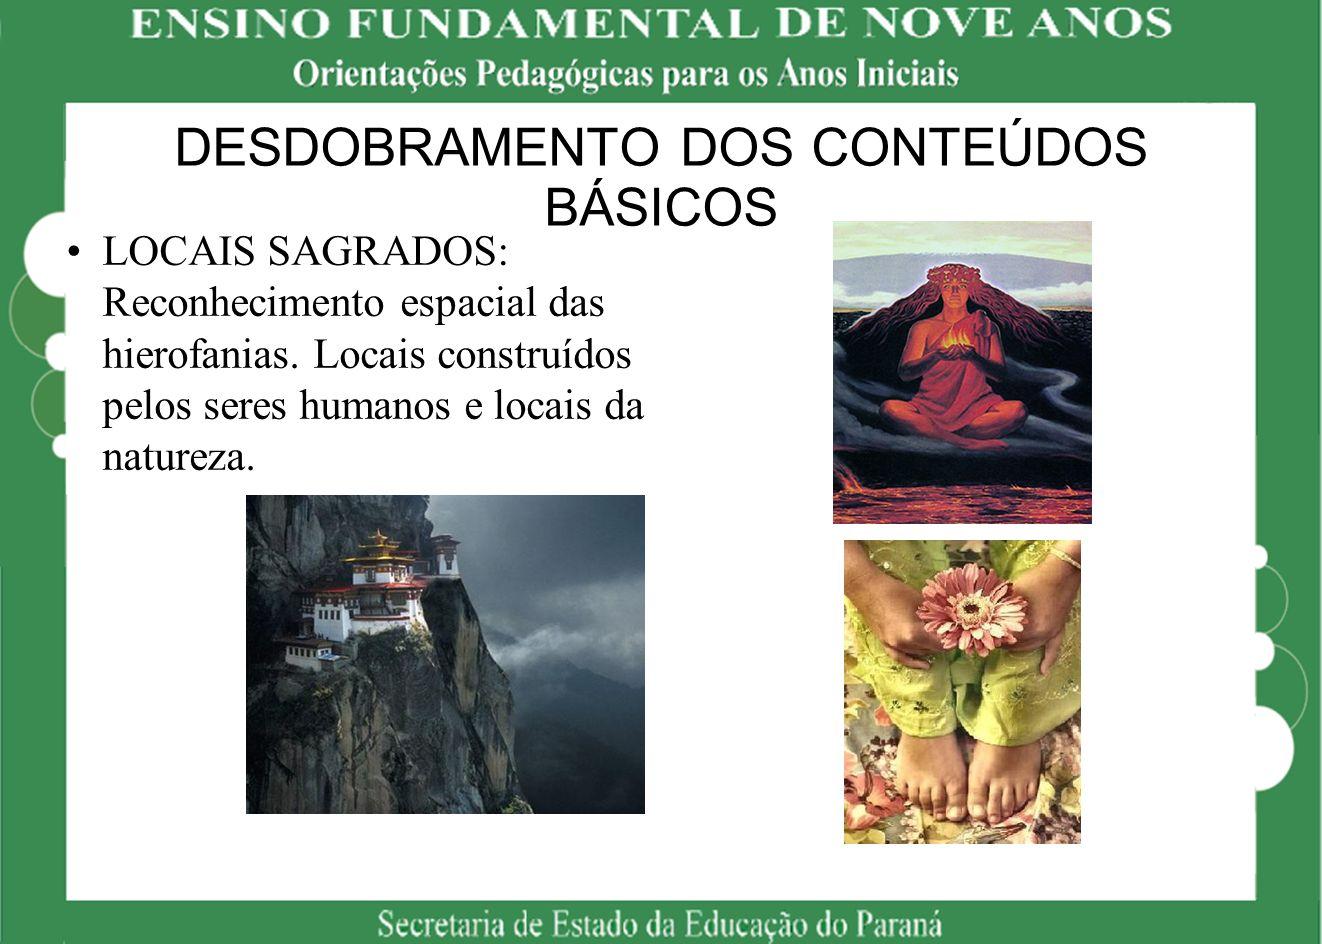 DESDOBRAMENTO DOS CONTEÚDOS BÁSICOS LOCAIS SAGRADOS: Reconhecimento espacial das hierofanias. Locais construídos pelos seres humanos e locais da natur